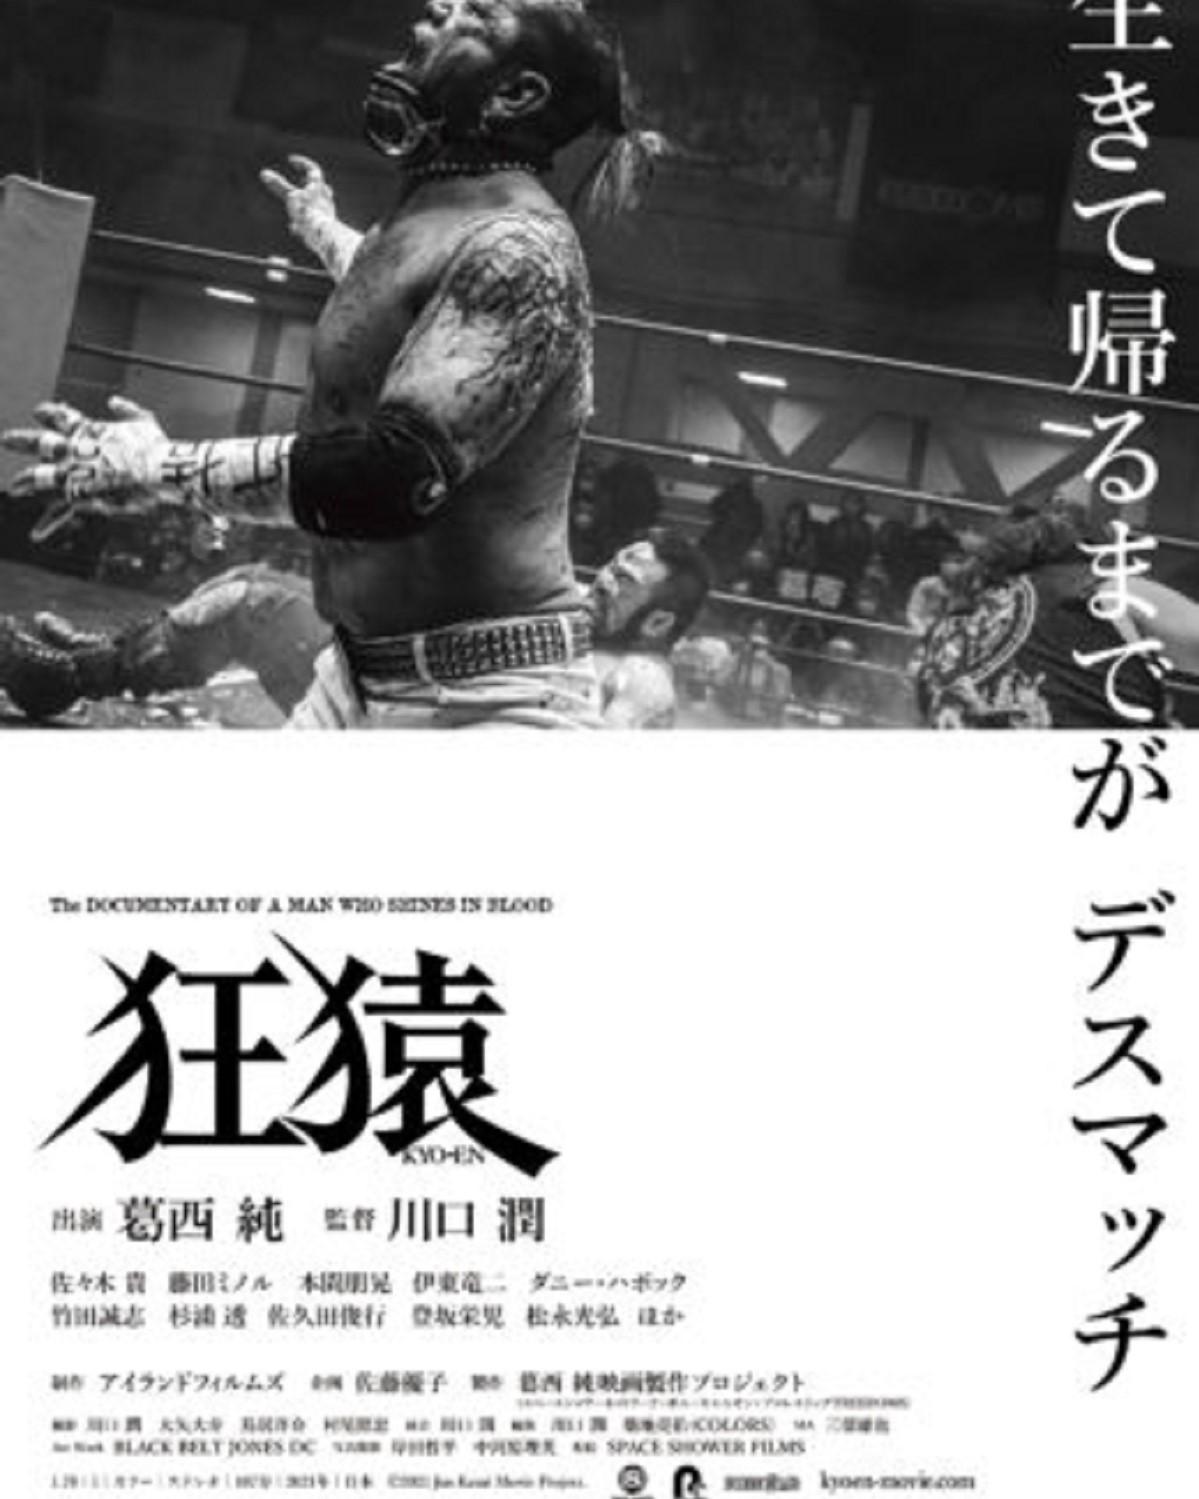 映画『狂猿』ポスター